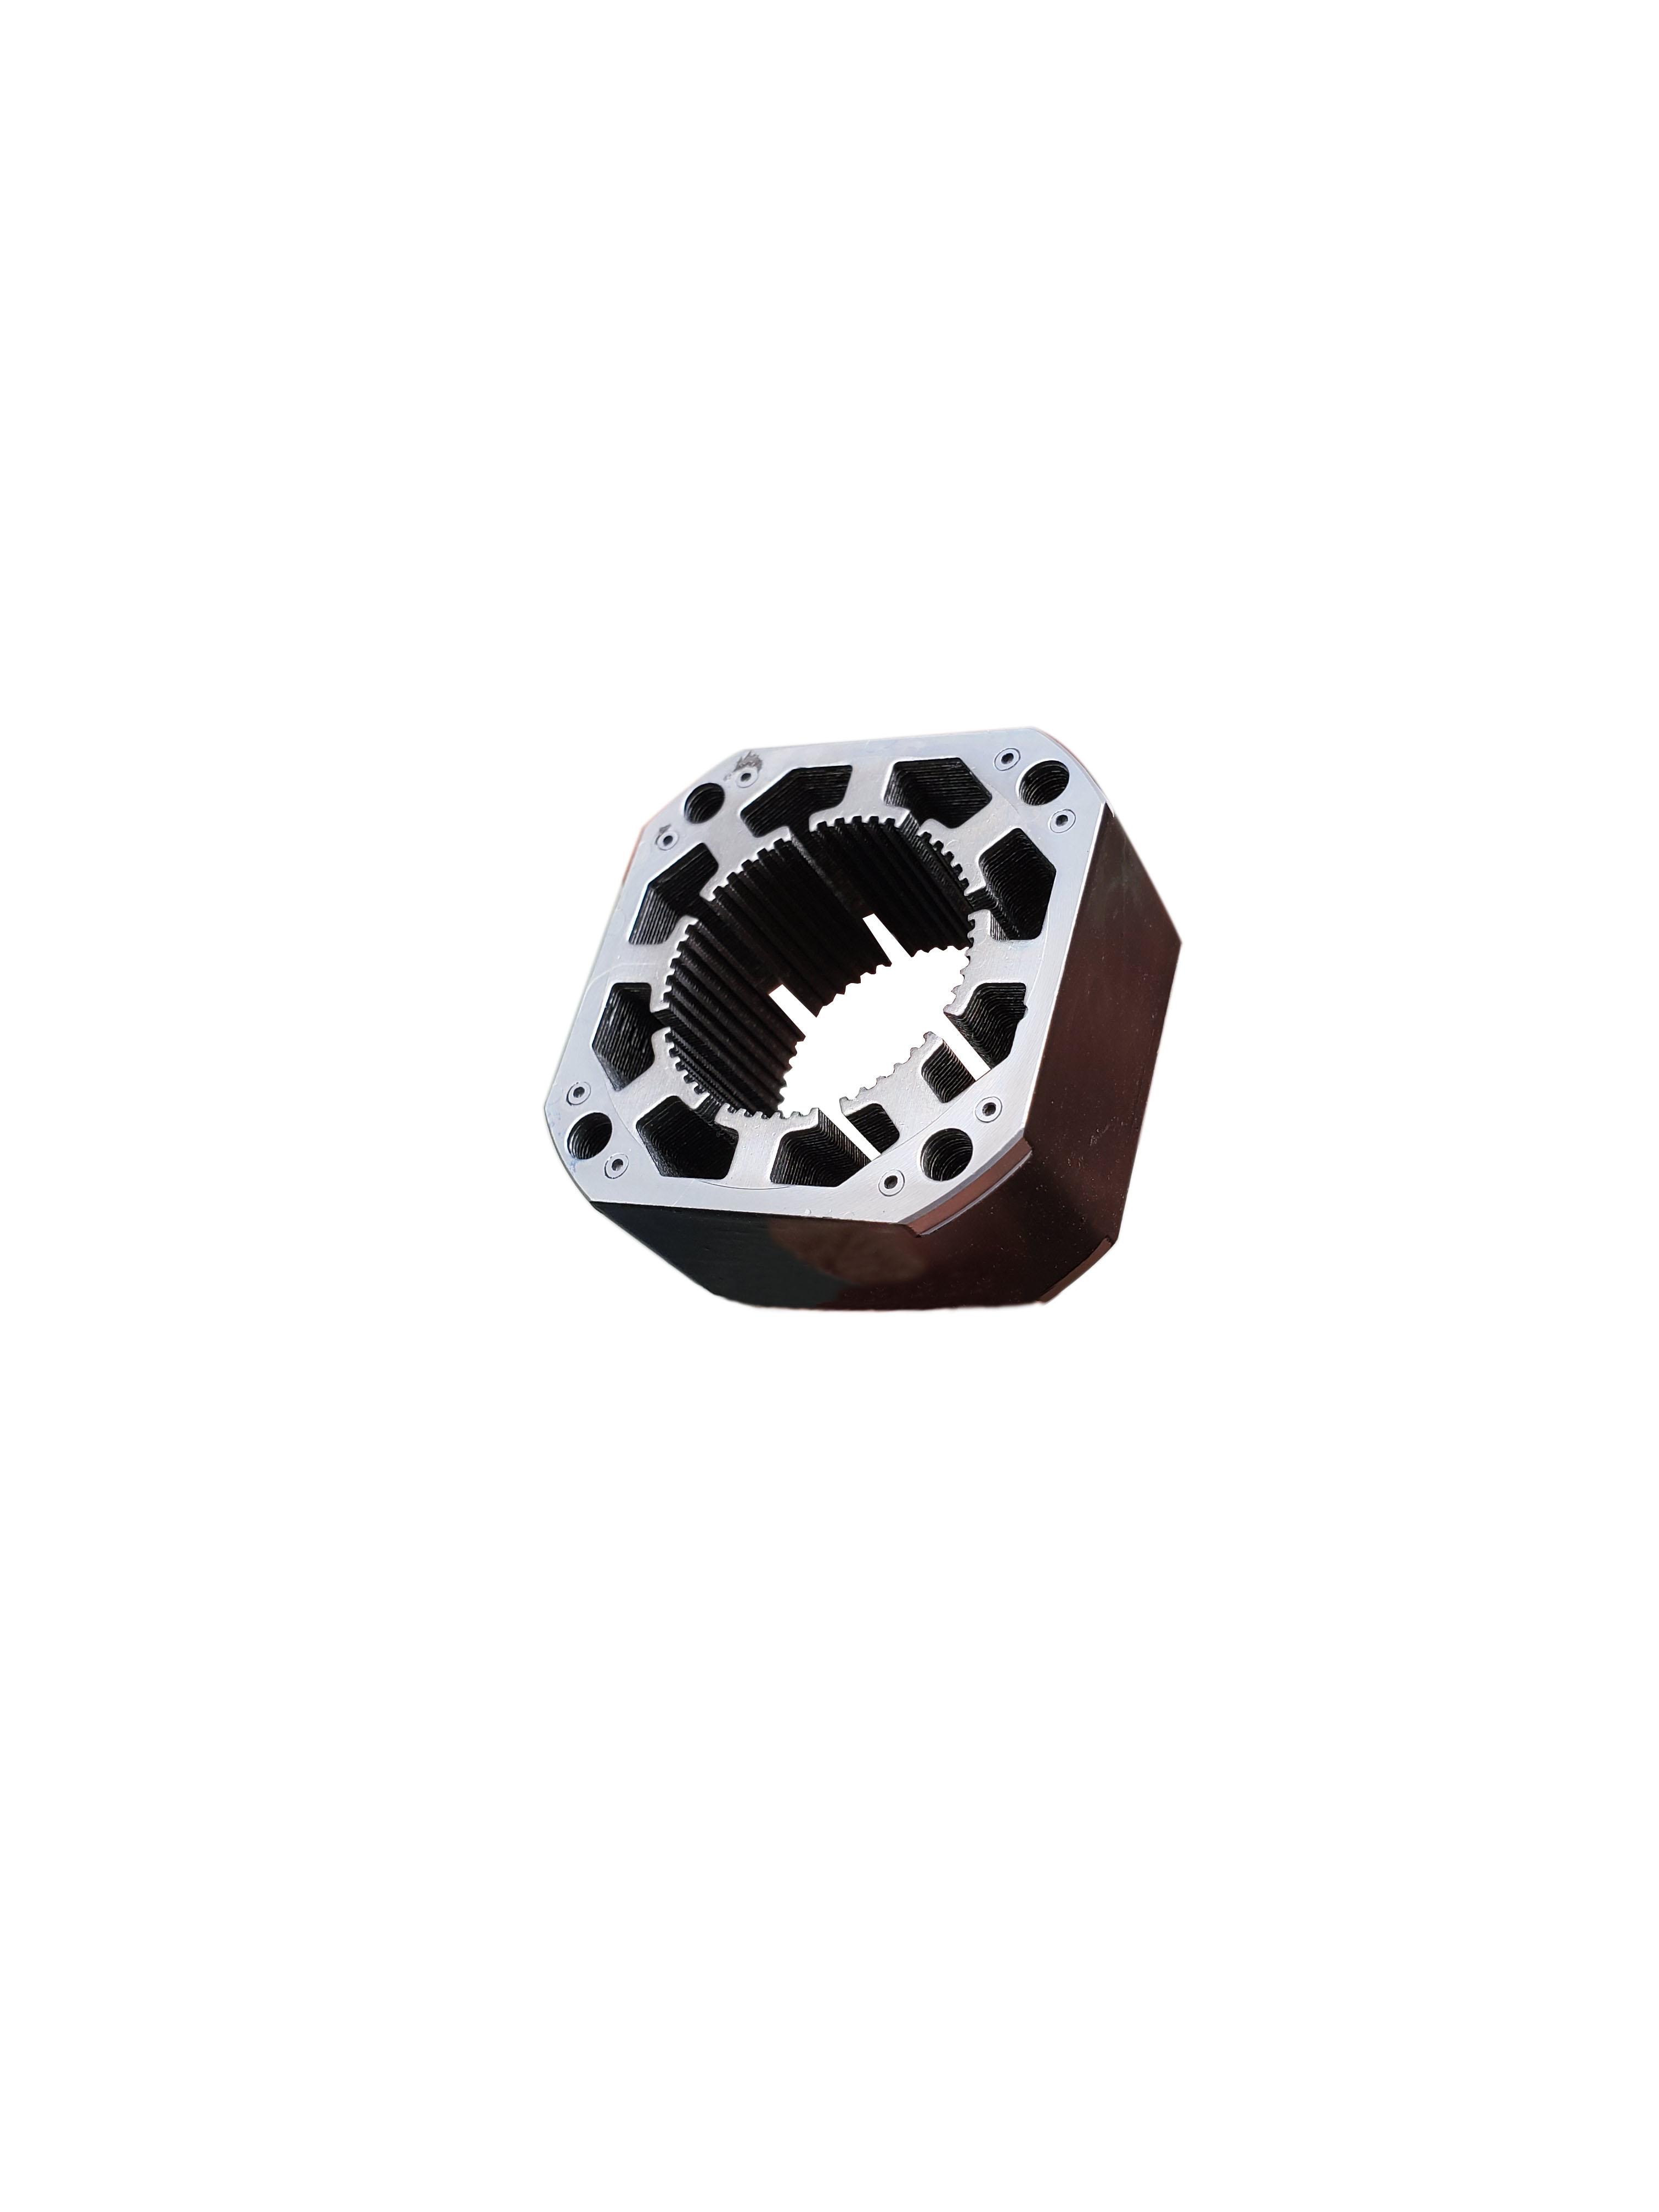 定子电镀锌镍合金专用添加剂